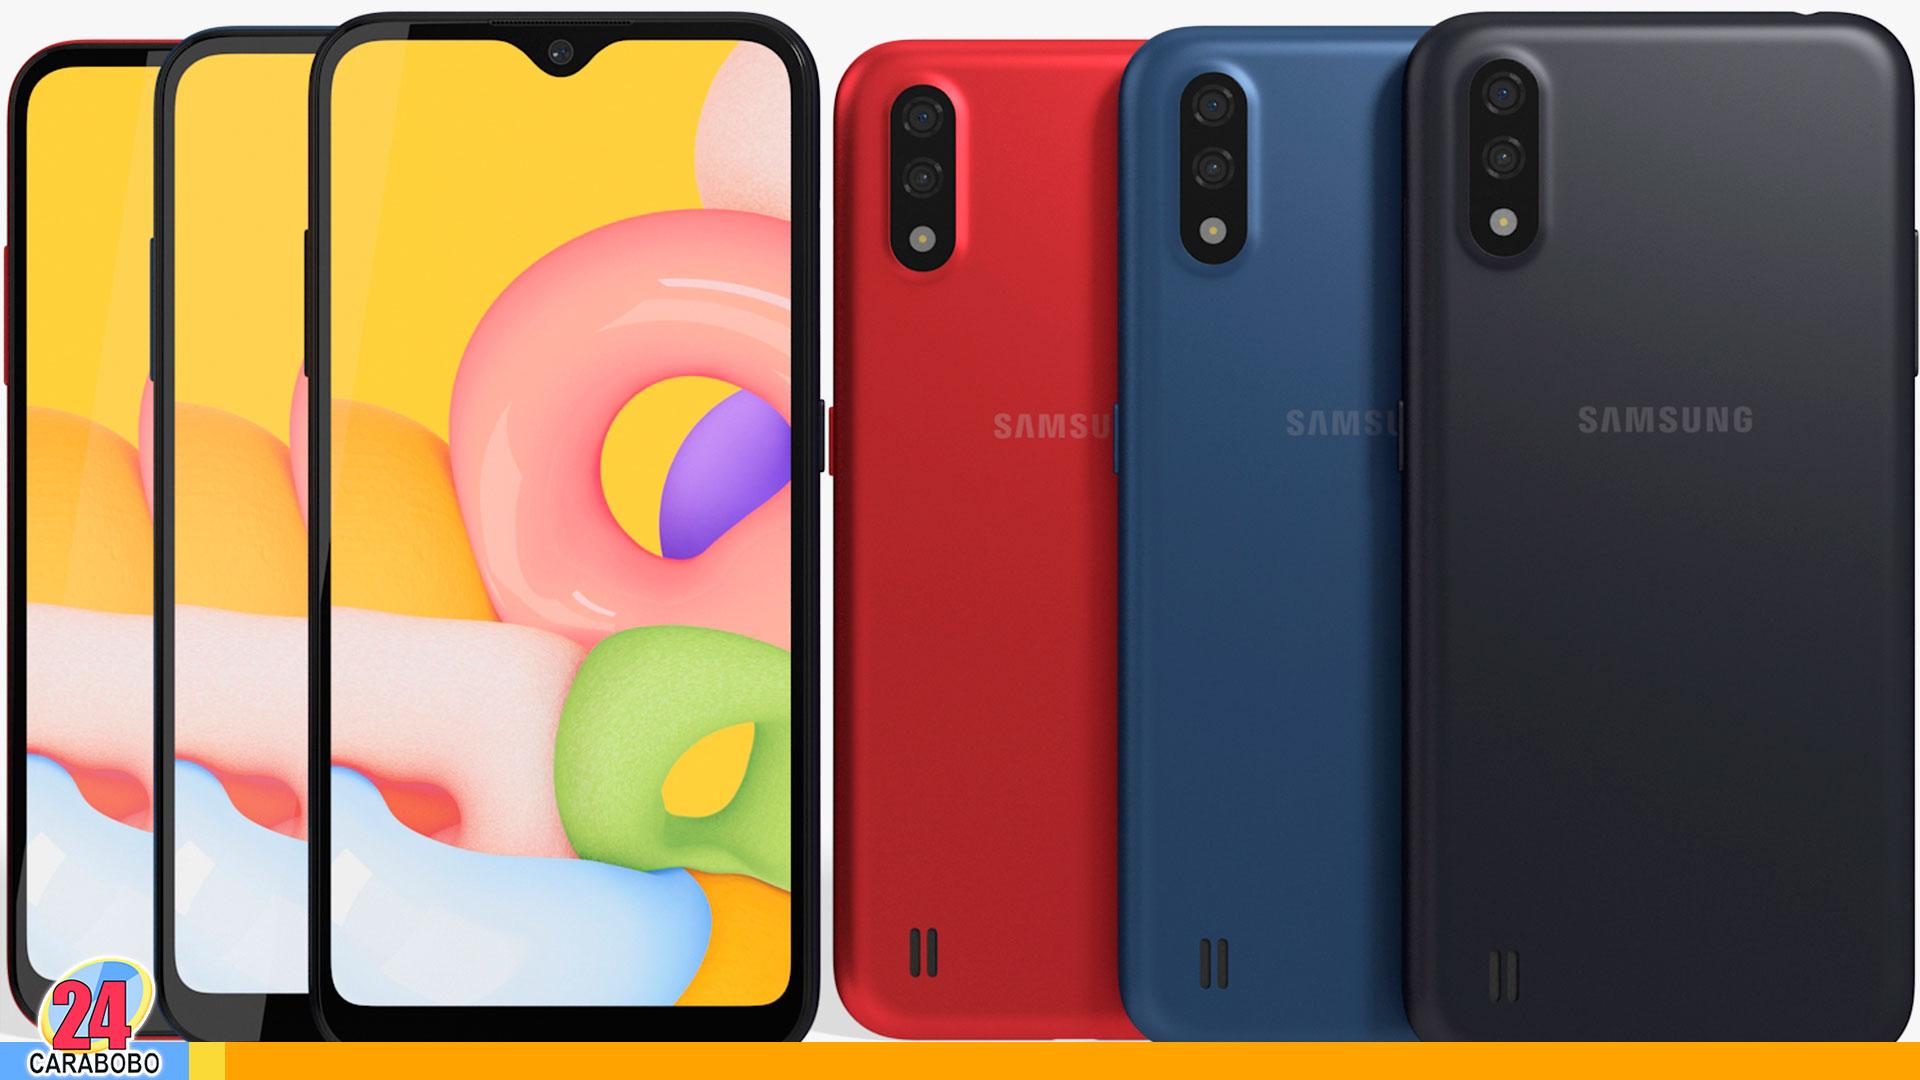 Samsung Galaxy A01 - noticias 24 carabobo